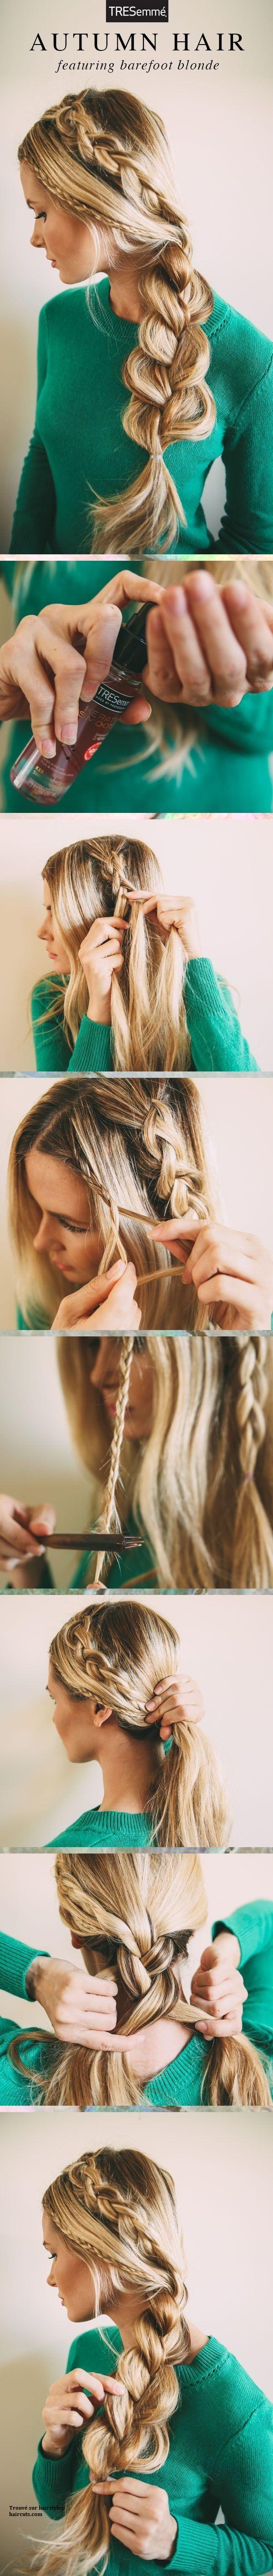 coiffure-ete-12